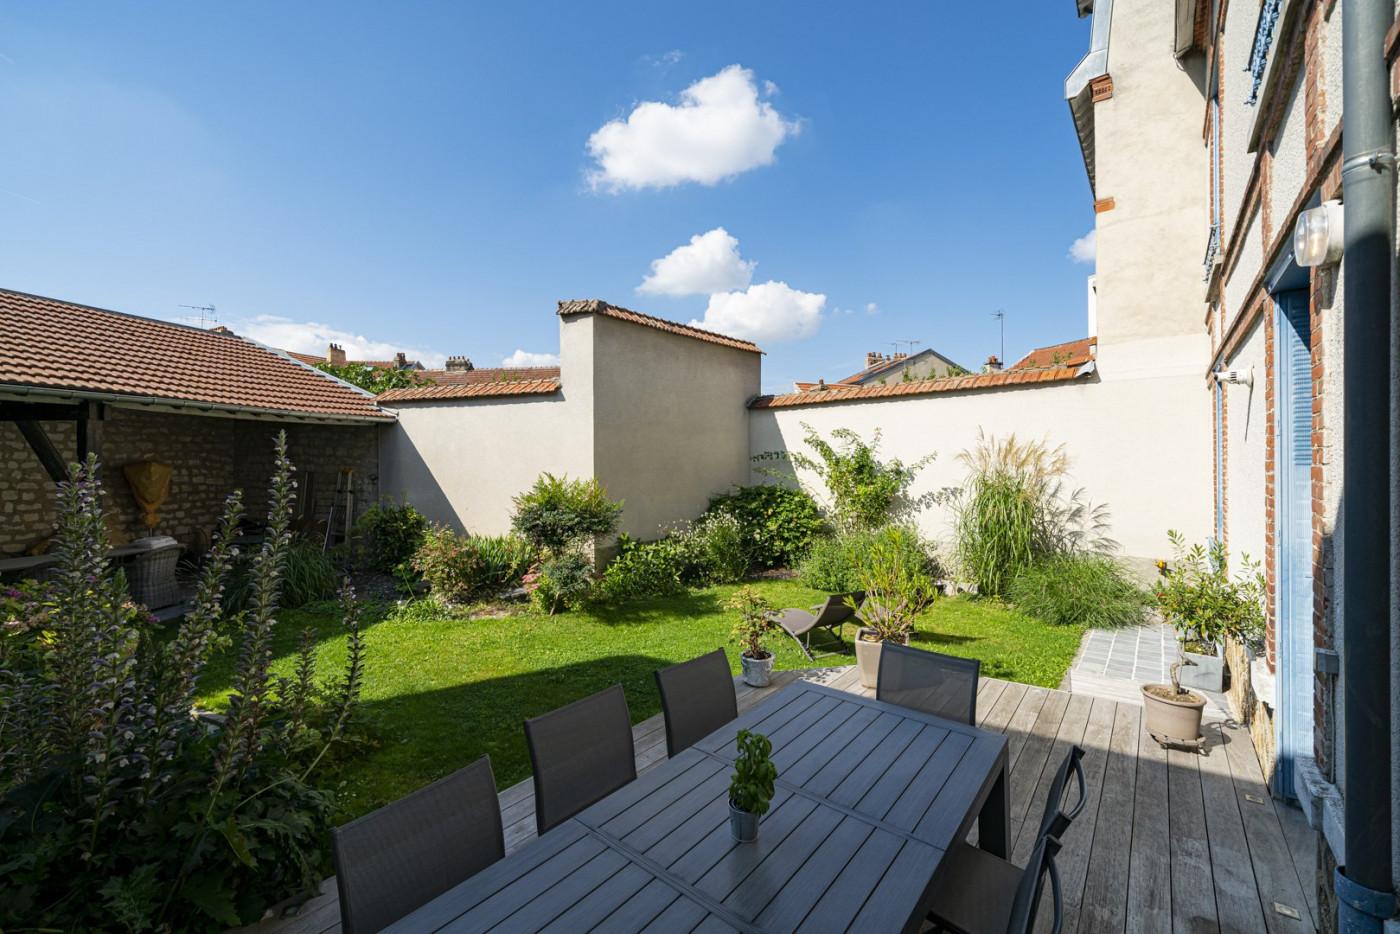 A vendre  Reims | Réf 51001381 - D-ker immo